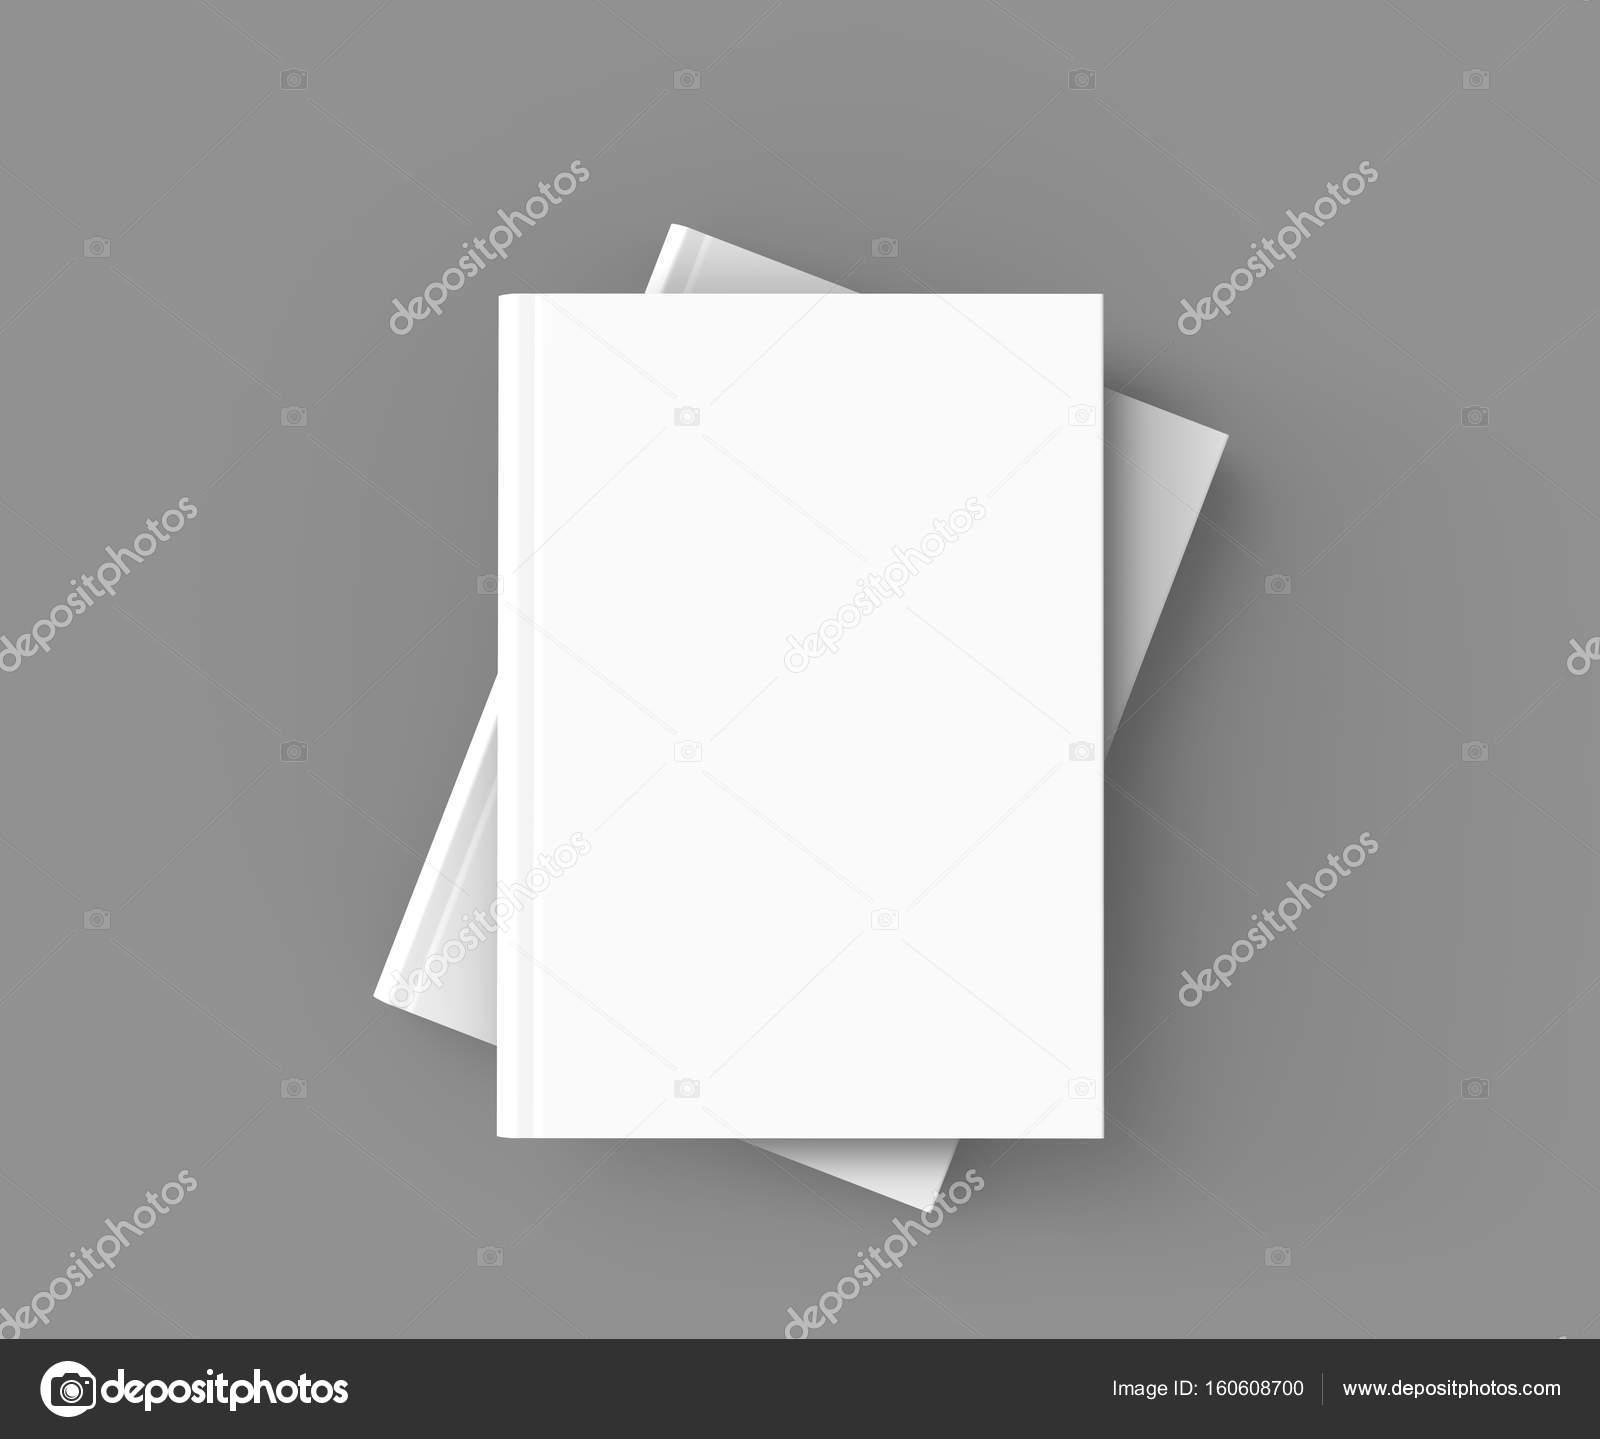 Hardcover-Bücher-Vorlage — Stockfoto © kchungtw #160608700